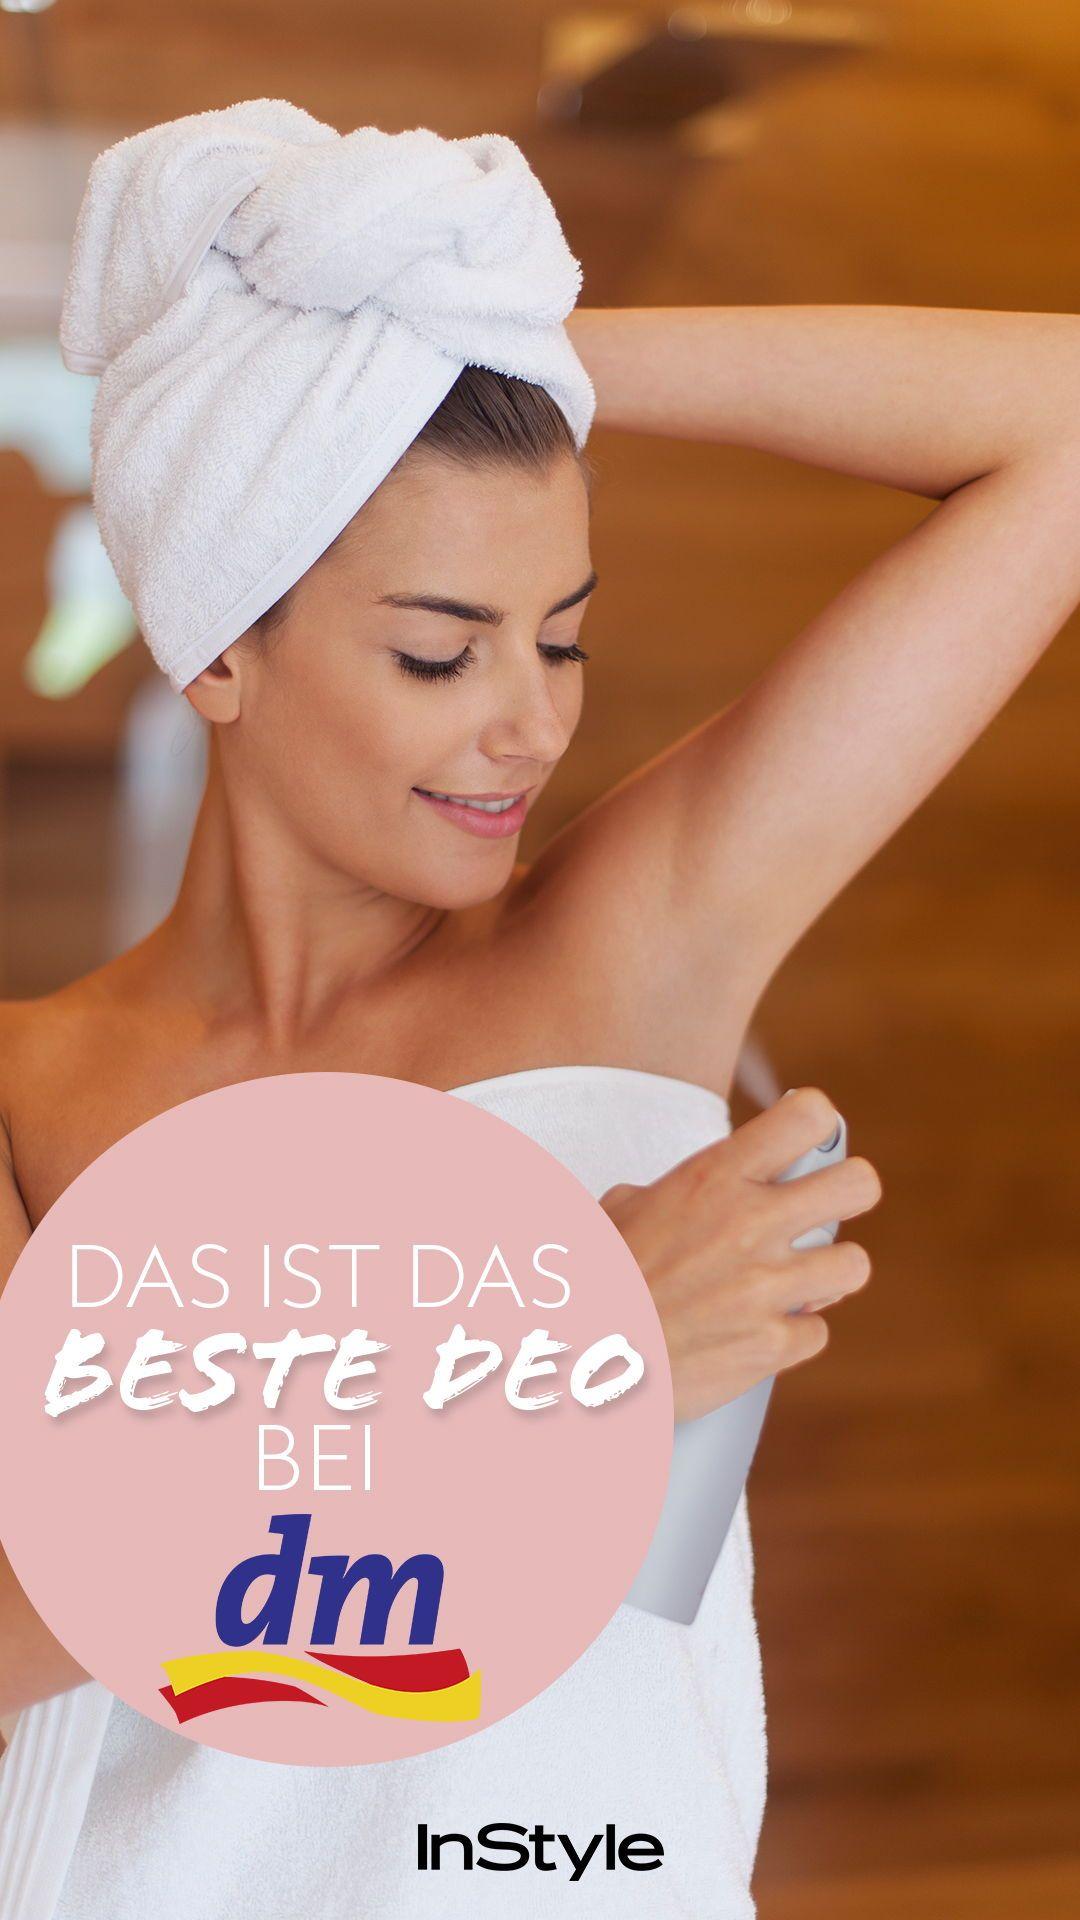 Photo of Oppdaget for deg: den beste deodoranten på dm